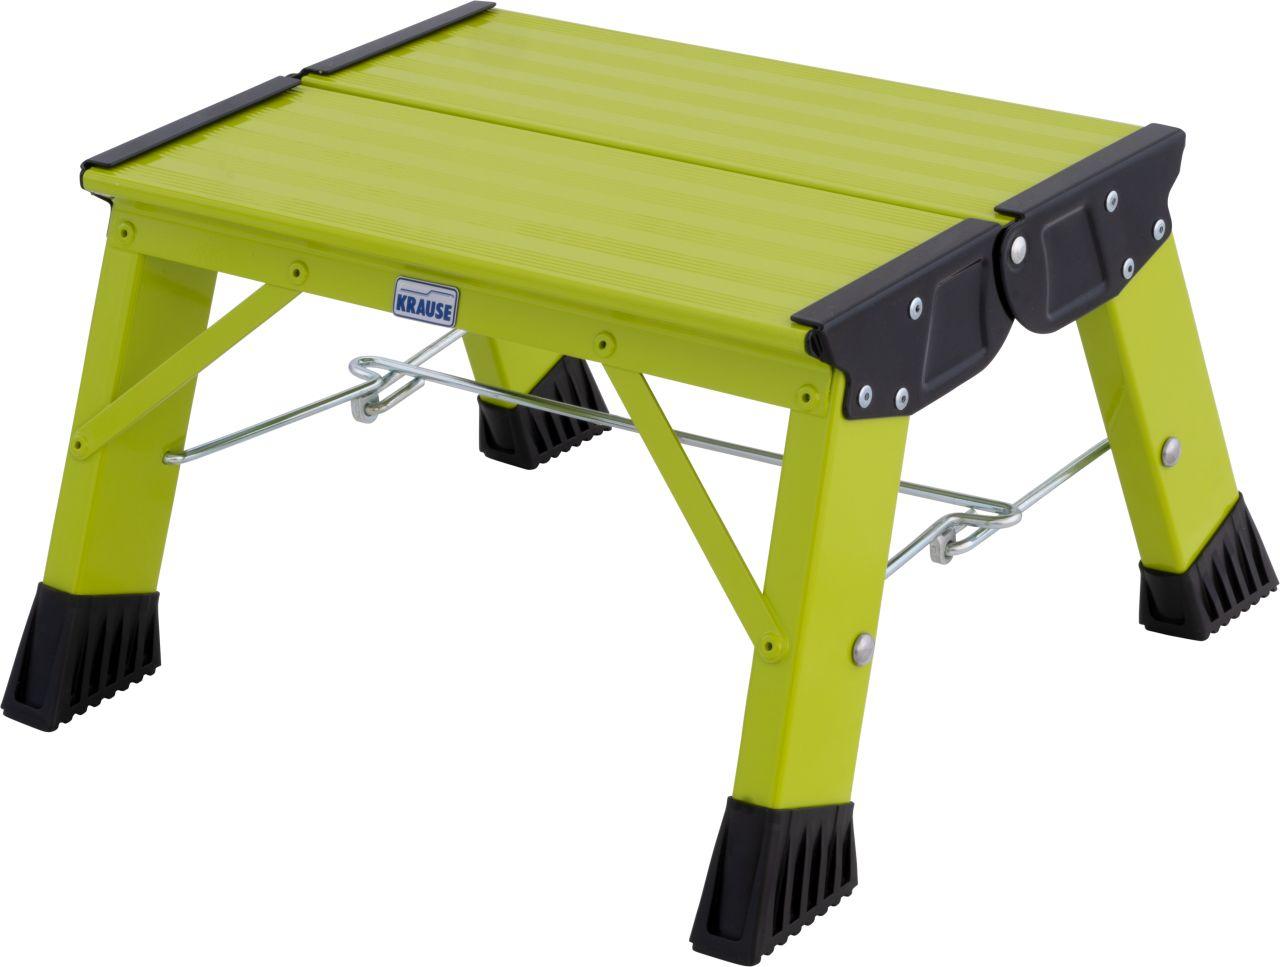 Schodek składany Treppy. Lekki, poręczny schodek aluminiowy dostępny w 5 ciekawych kolorach, idealny do domu lub biura